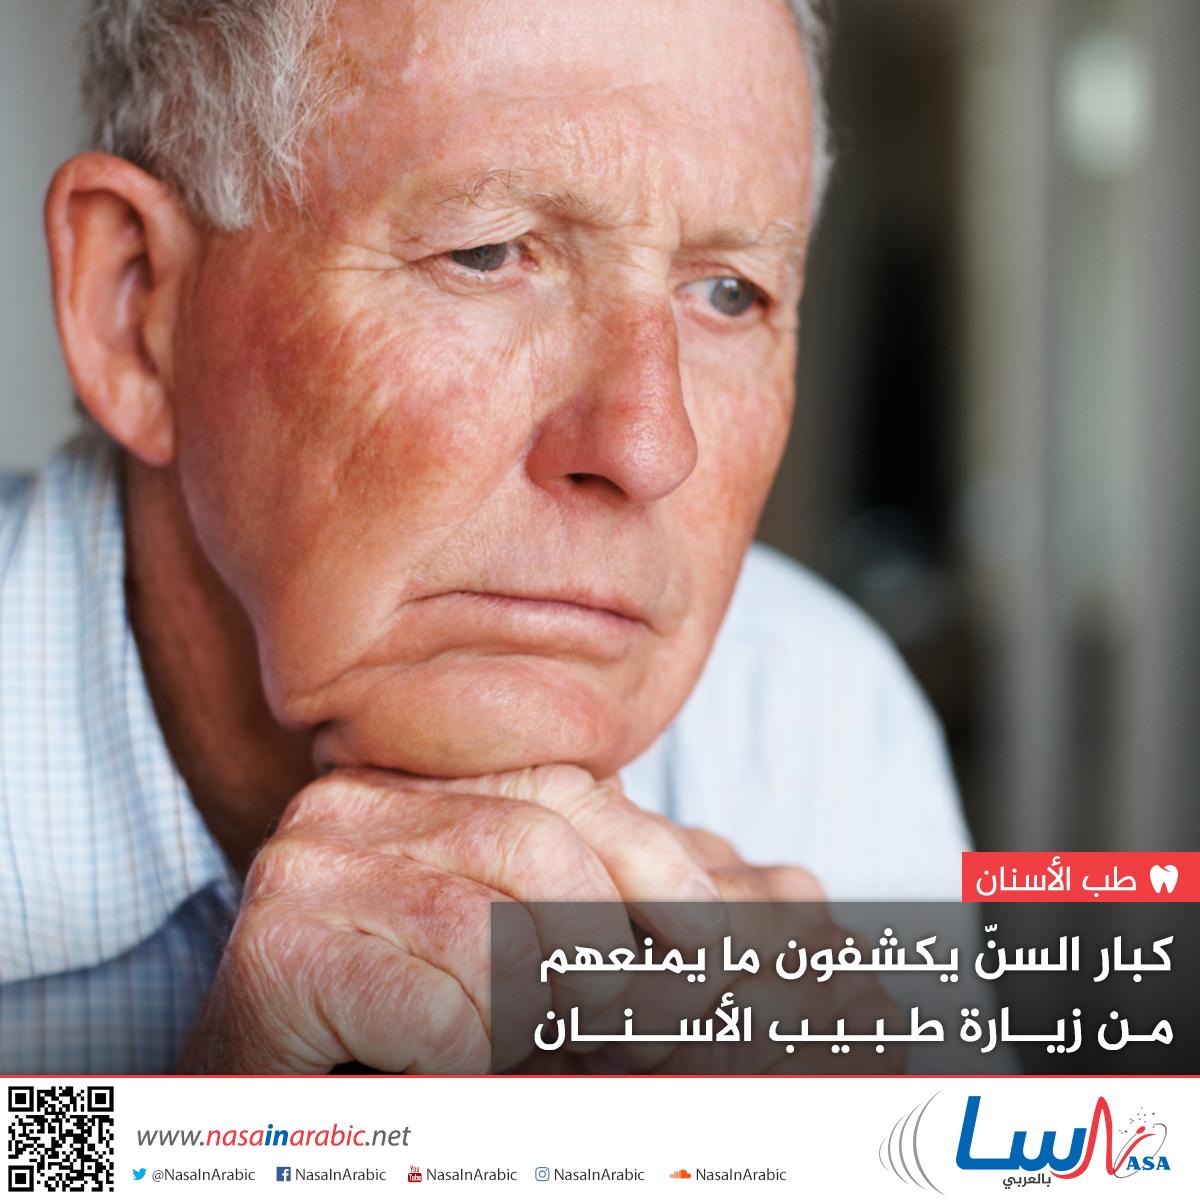 كبار السن يكشفون ما يمنعهم من زيارة طبيب الأسنان